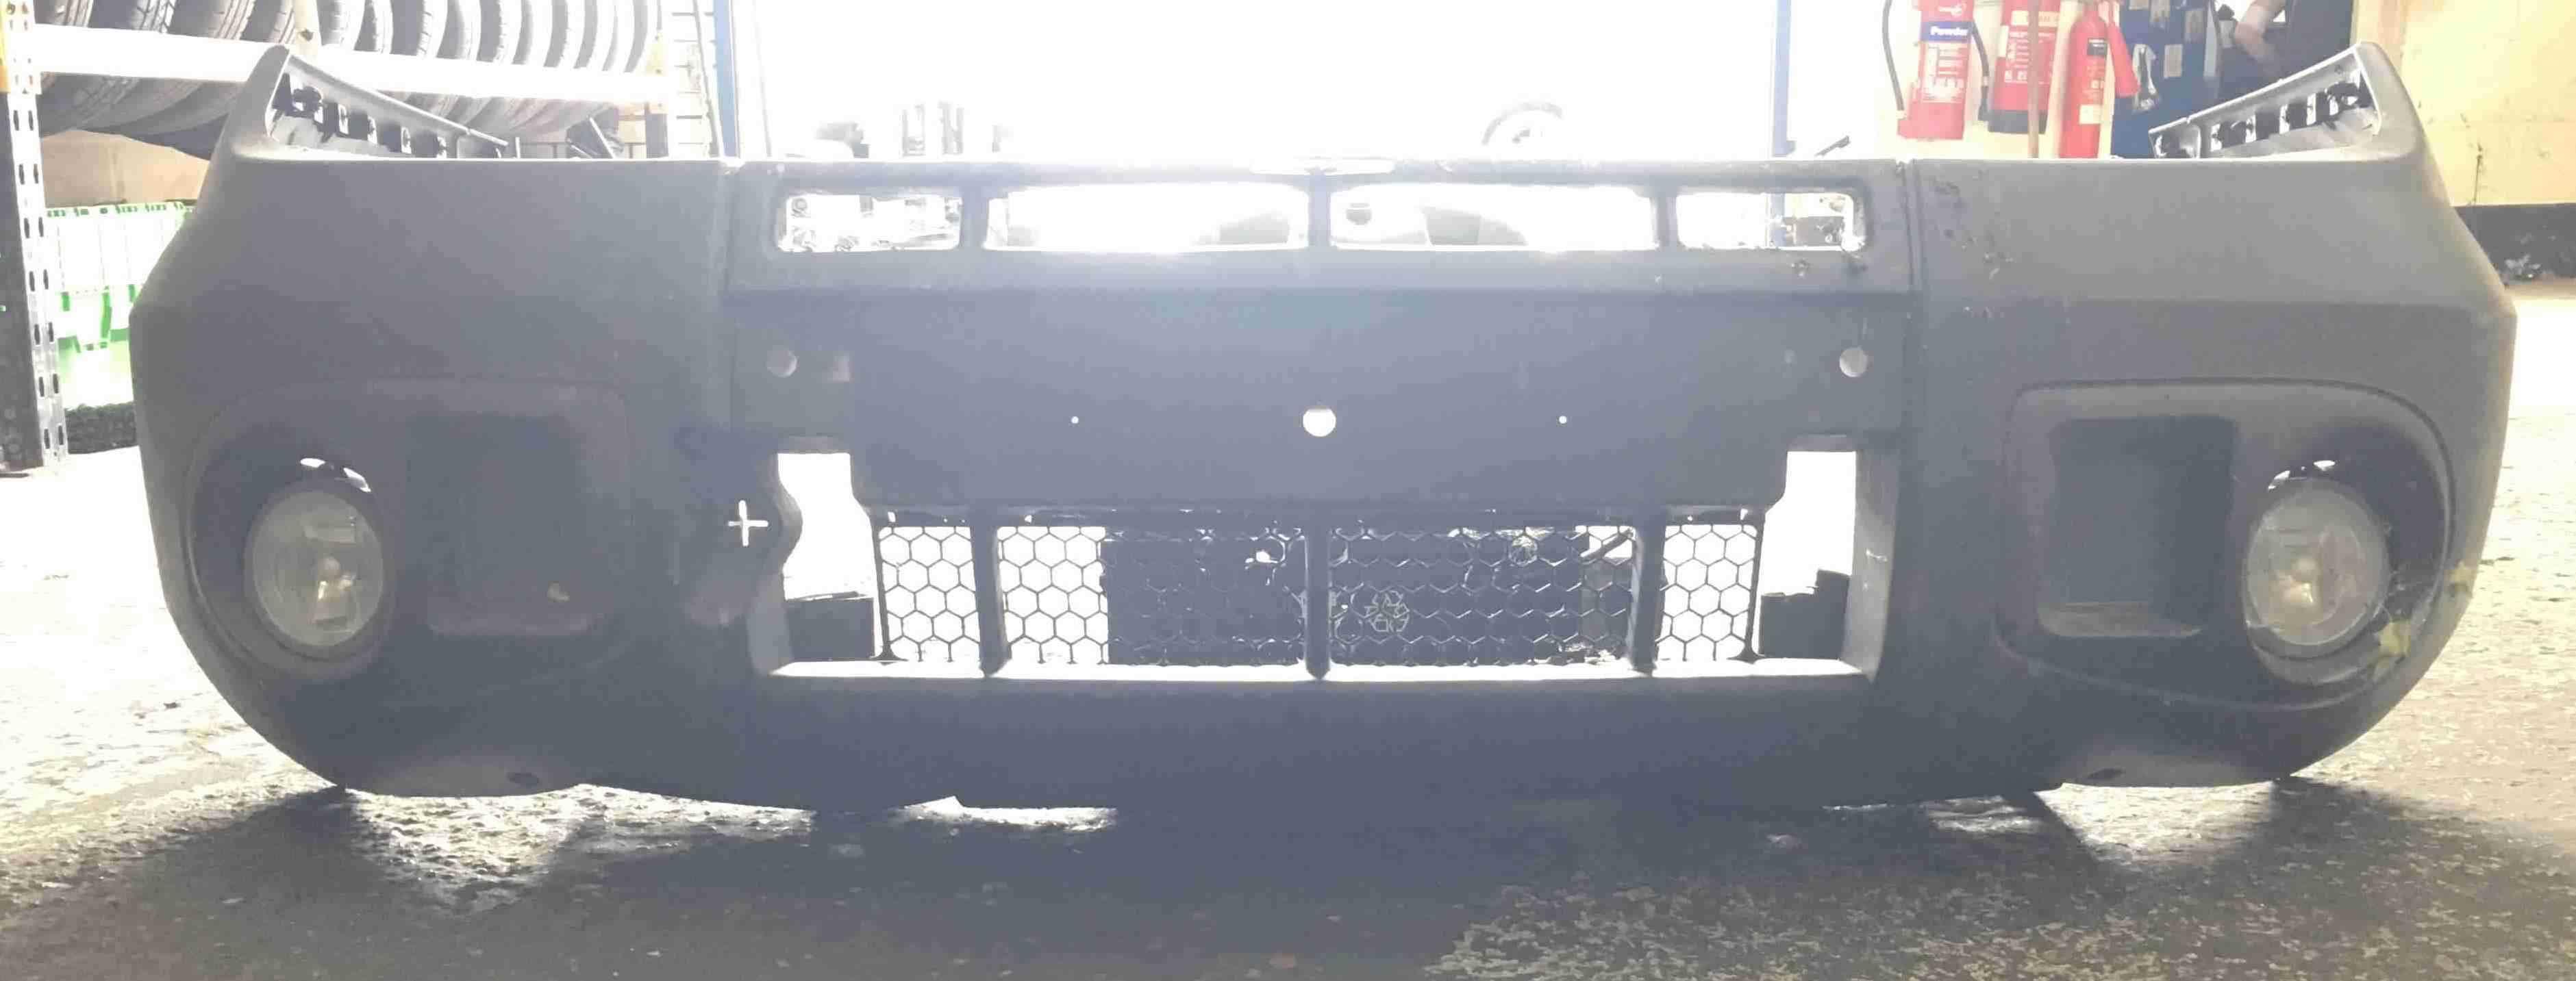 Renault Scenic RX4 1999-2003 Front Bumper Plain Black 7700735880